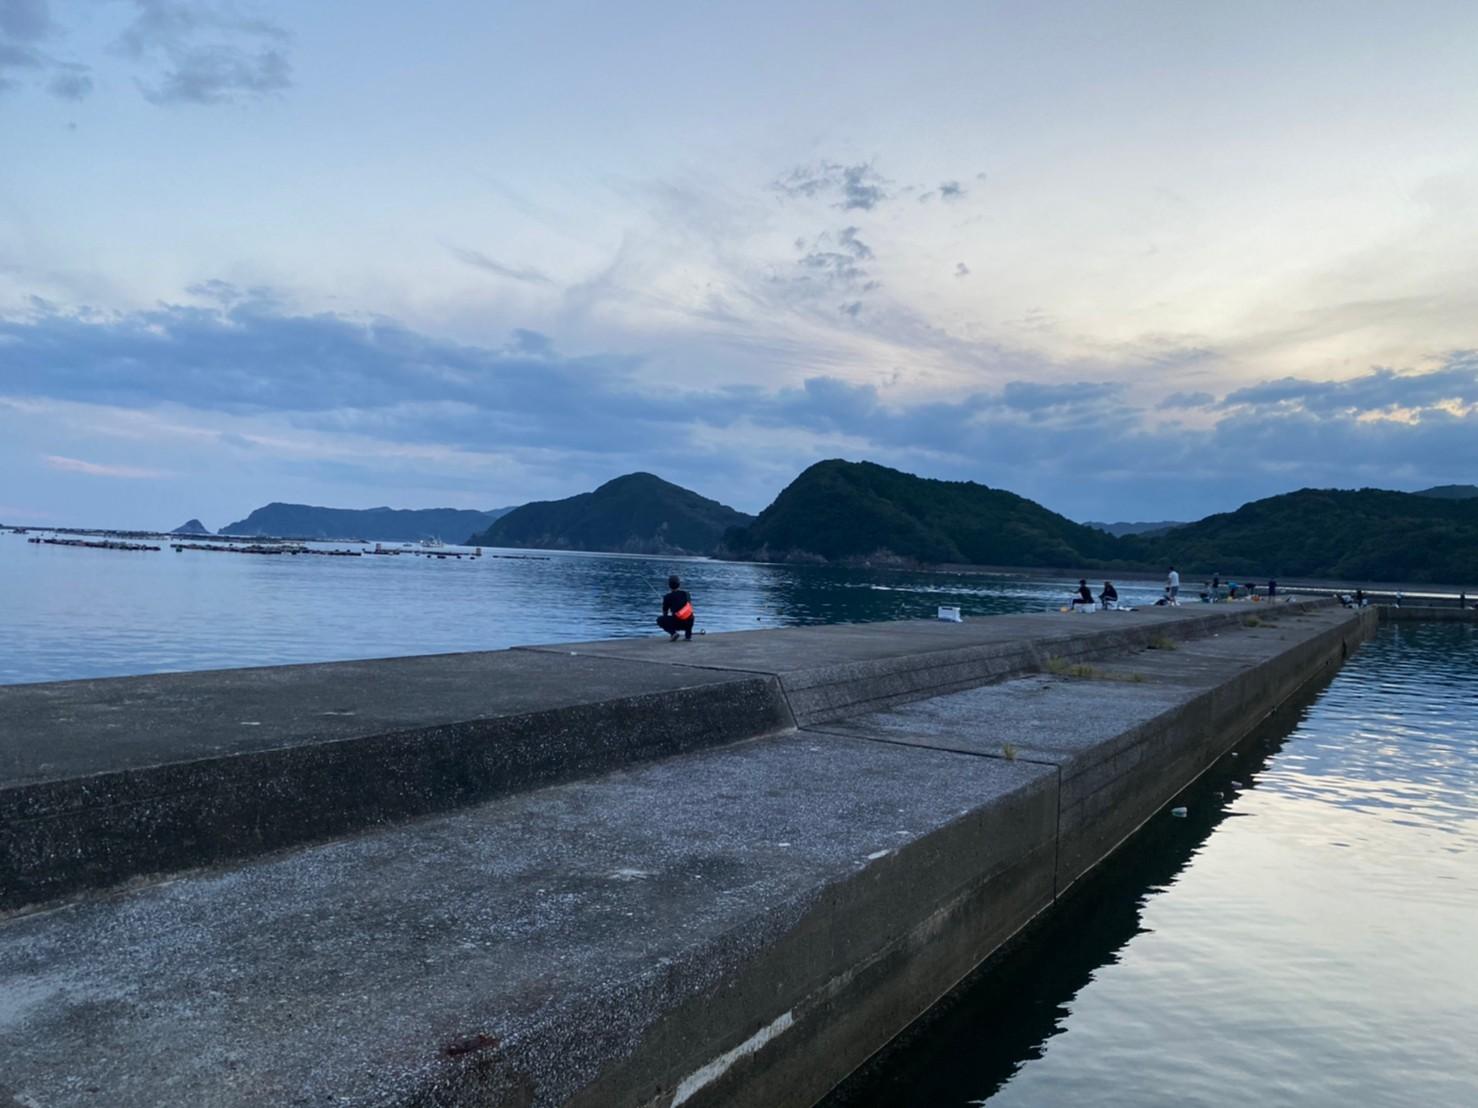 【三重県南伊勢町】『奈屋浦漁港(なやうら)』の海釣りガイド(釣れる魚・駐車場・トイレ)